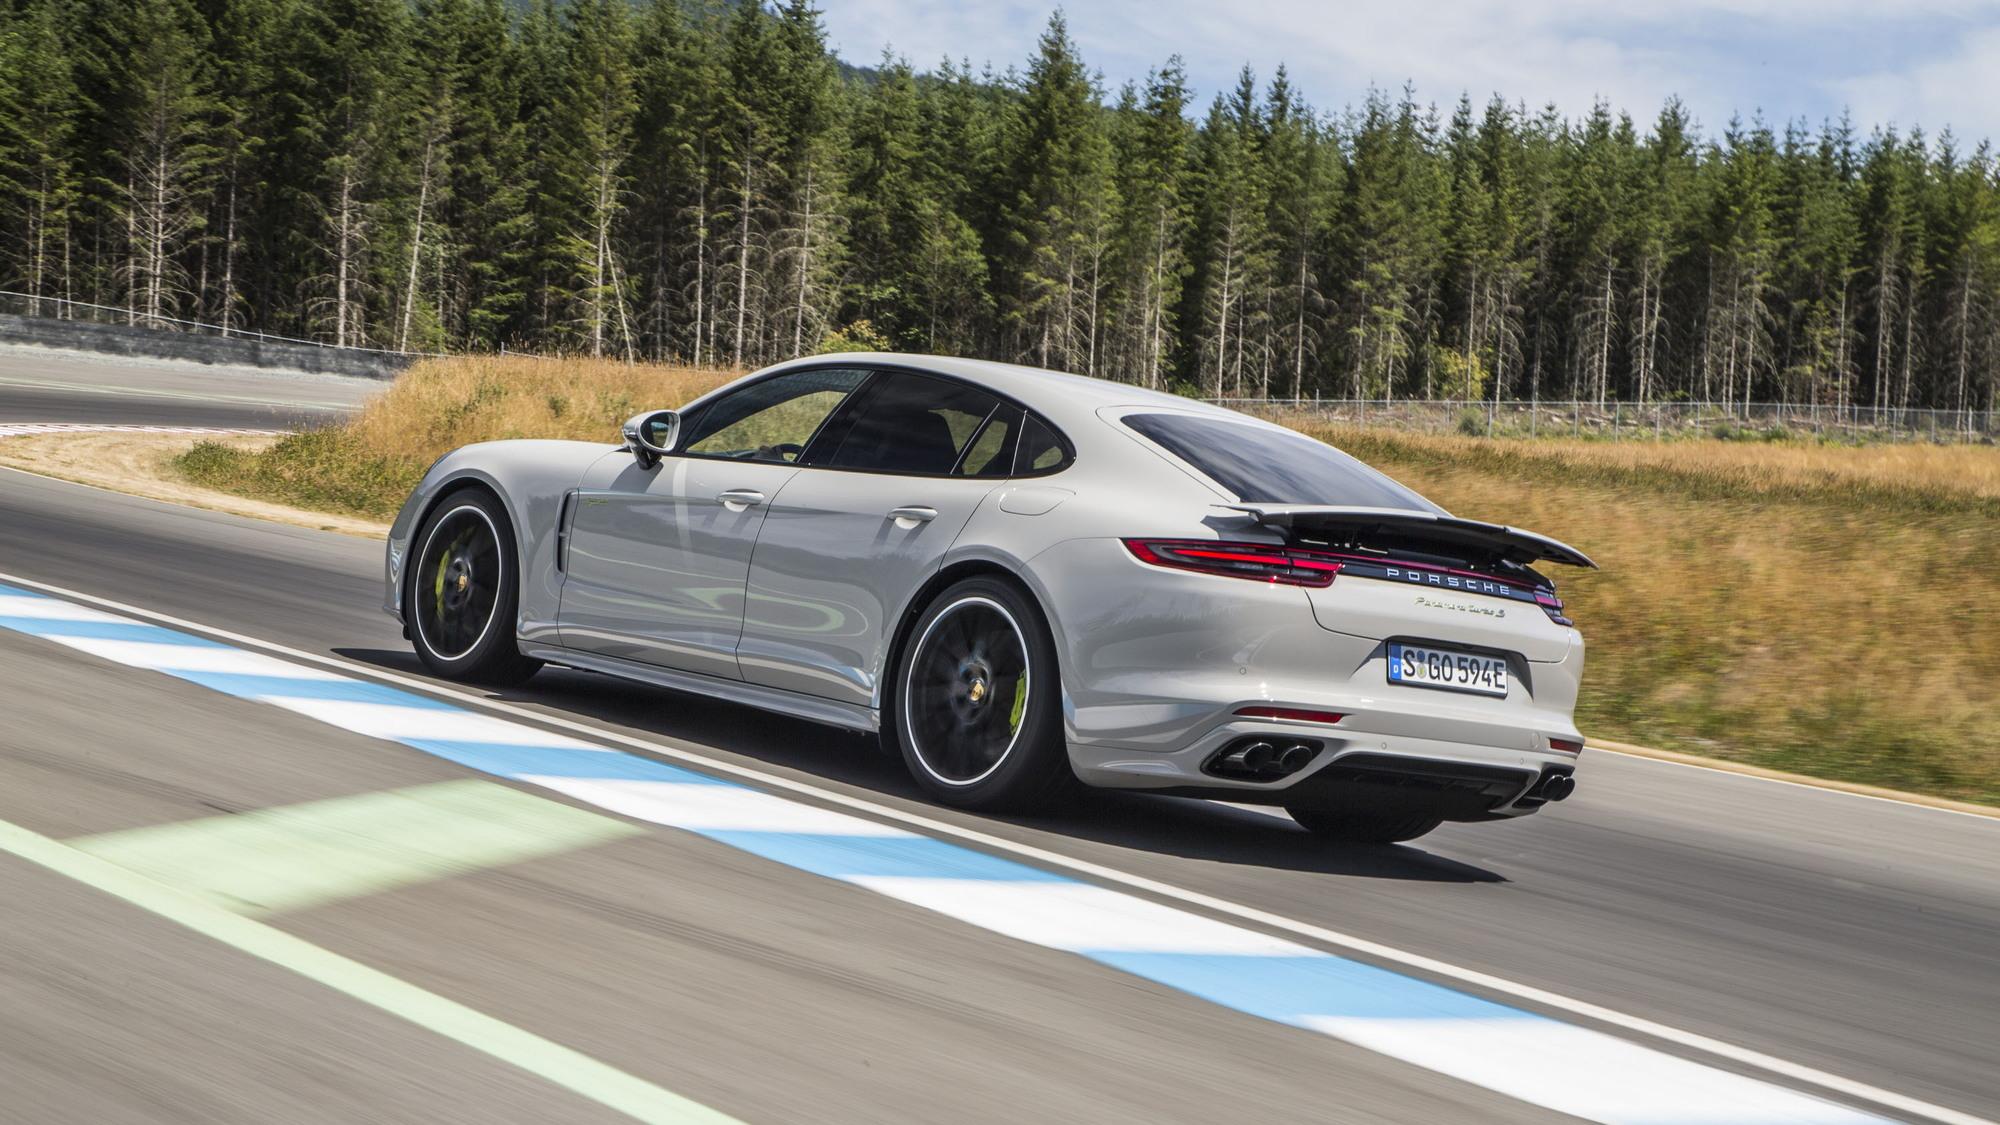 2018 Porsche Panamera Turbo S E Hybrid